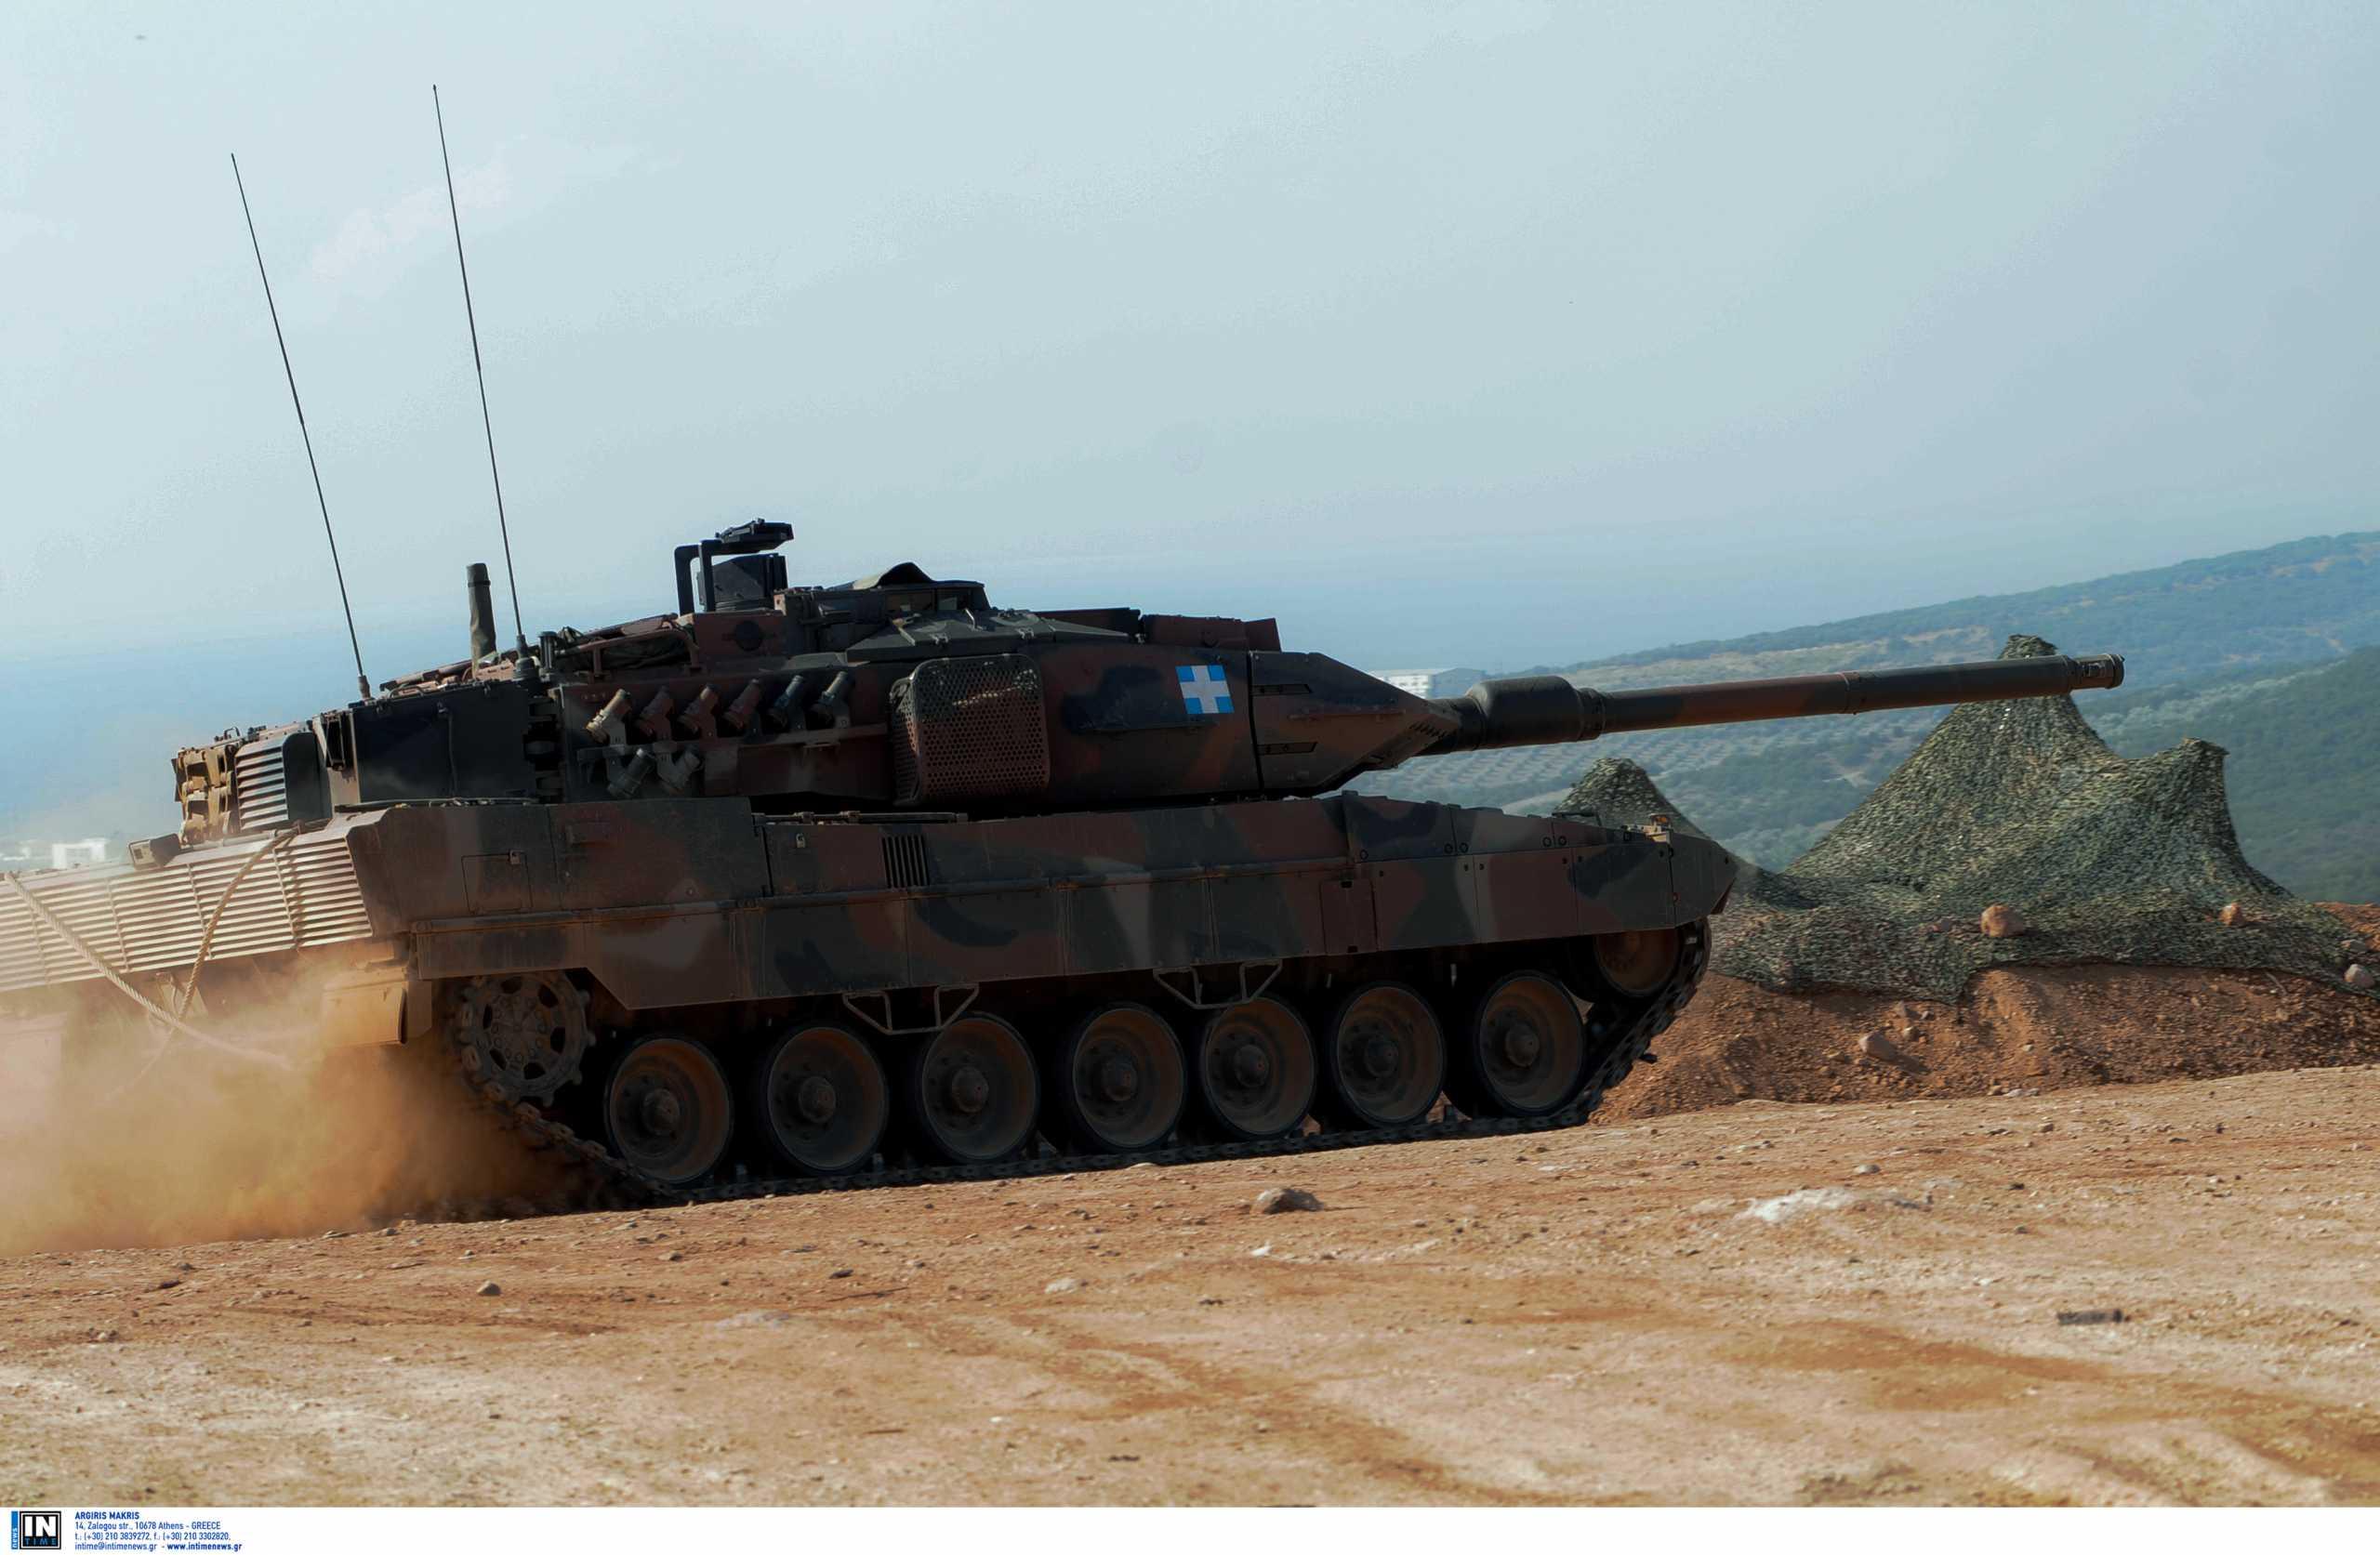 Στο «στόχαστρο» του Στρατού Ξηράς οι δυνατότητες αναβάθμισης των αρμάτων μάχης Leopard